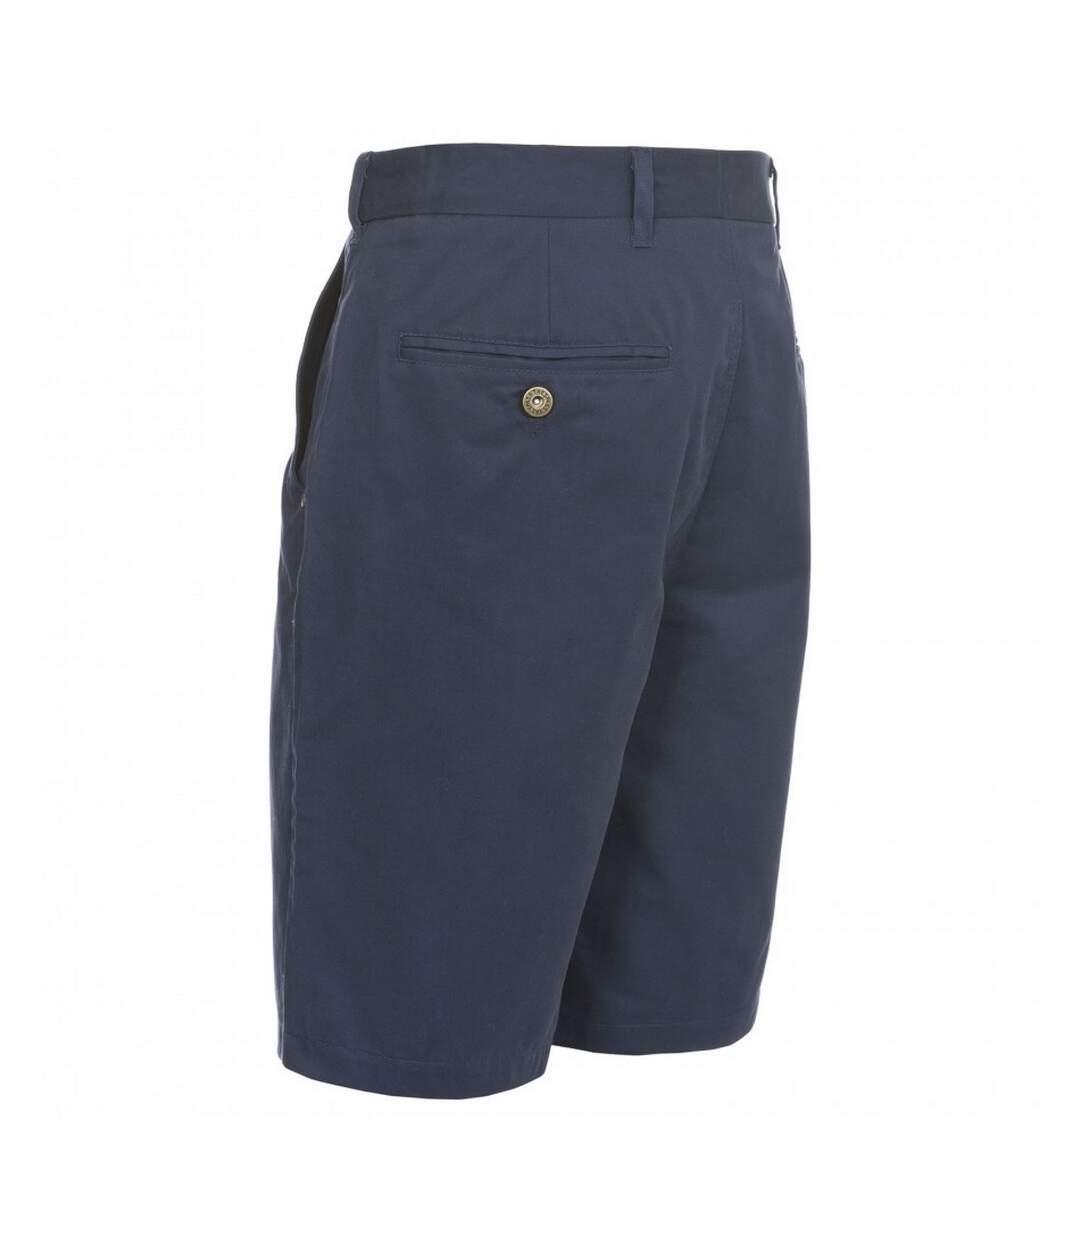 Trespass Mens Firewall Casual Shorts (Navy Blue) - UTTP3388